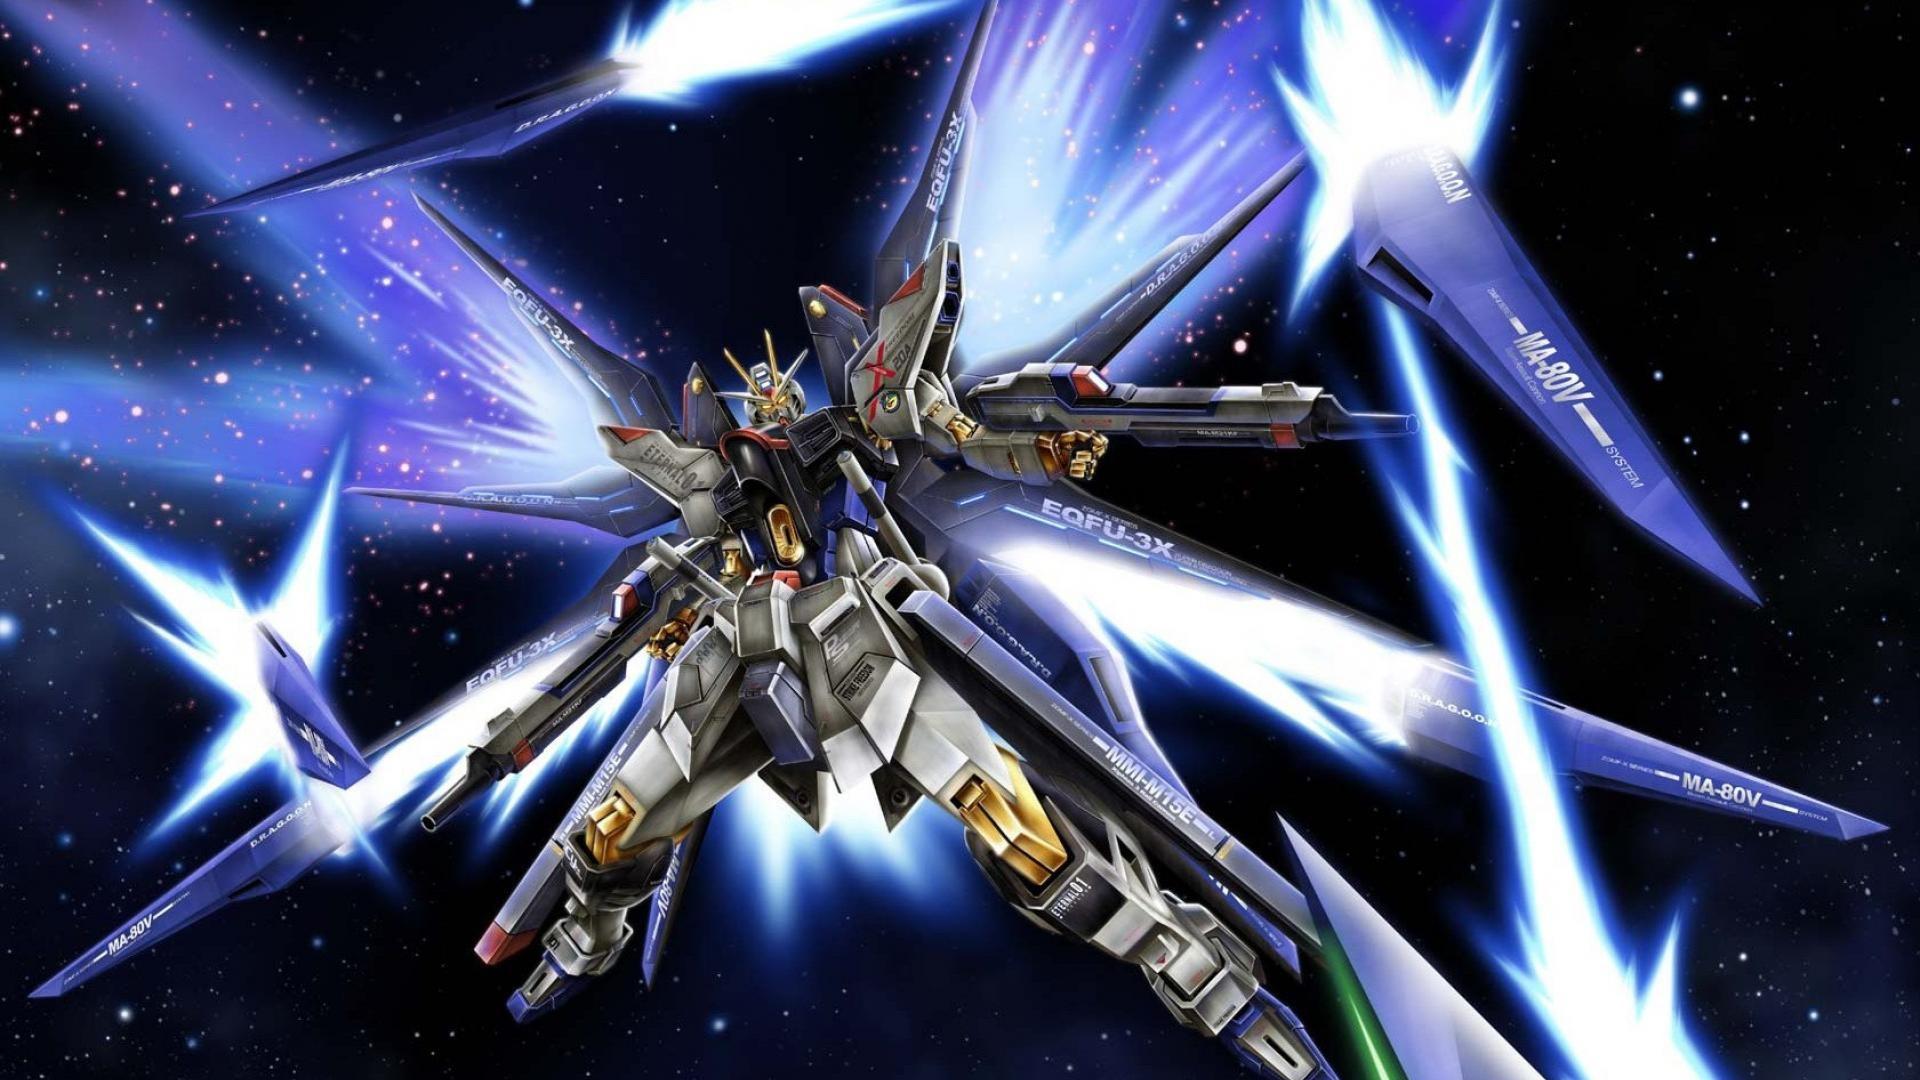 All Gundams Wallpaper